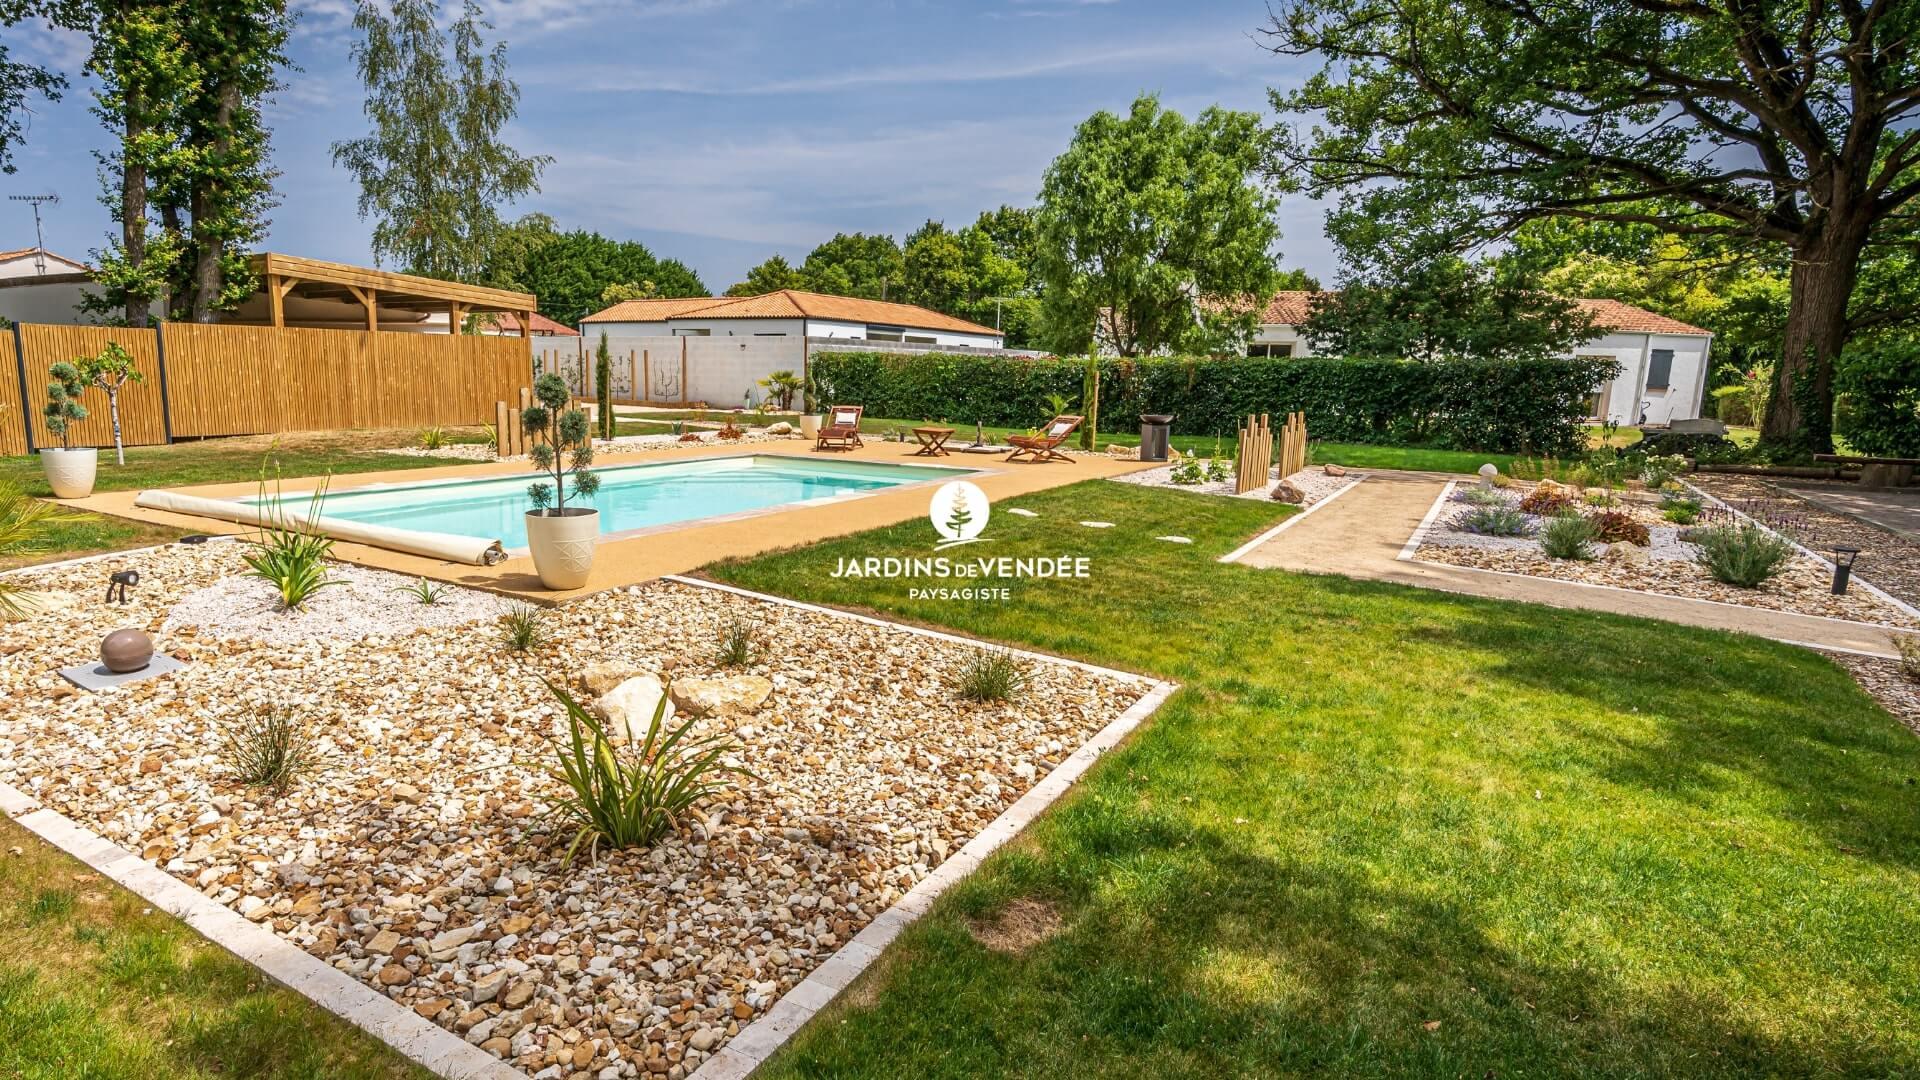 jardins-de-vendee-realisations-piscines-bassins(21)